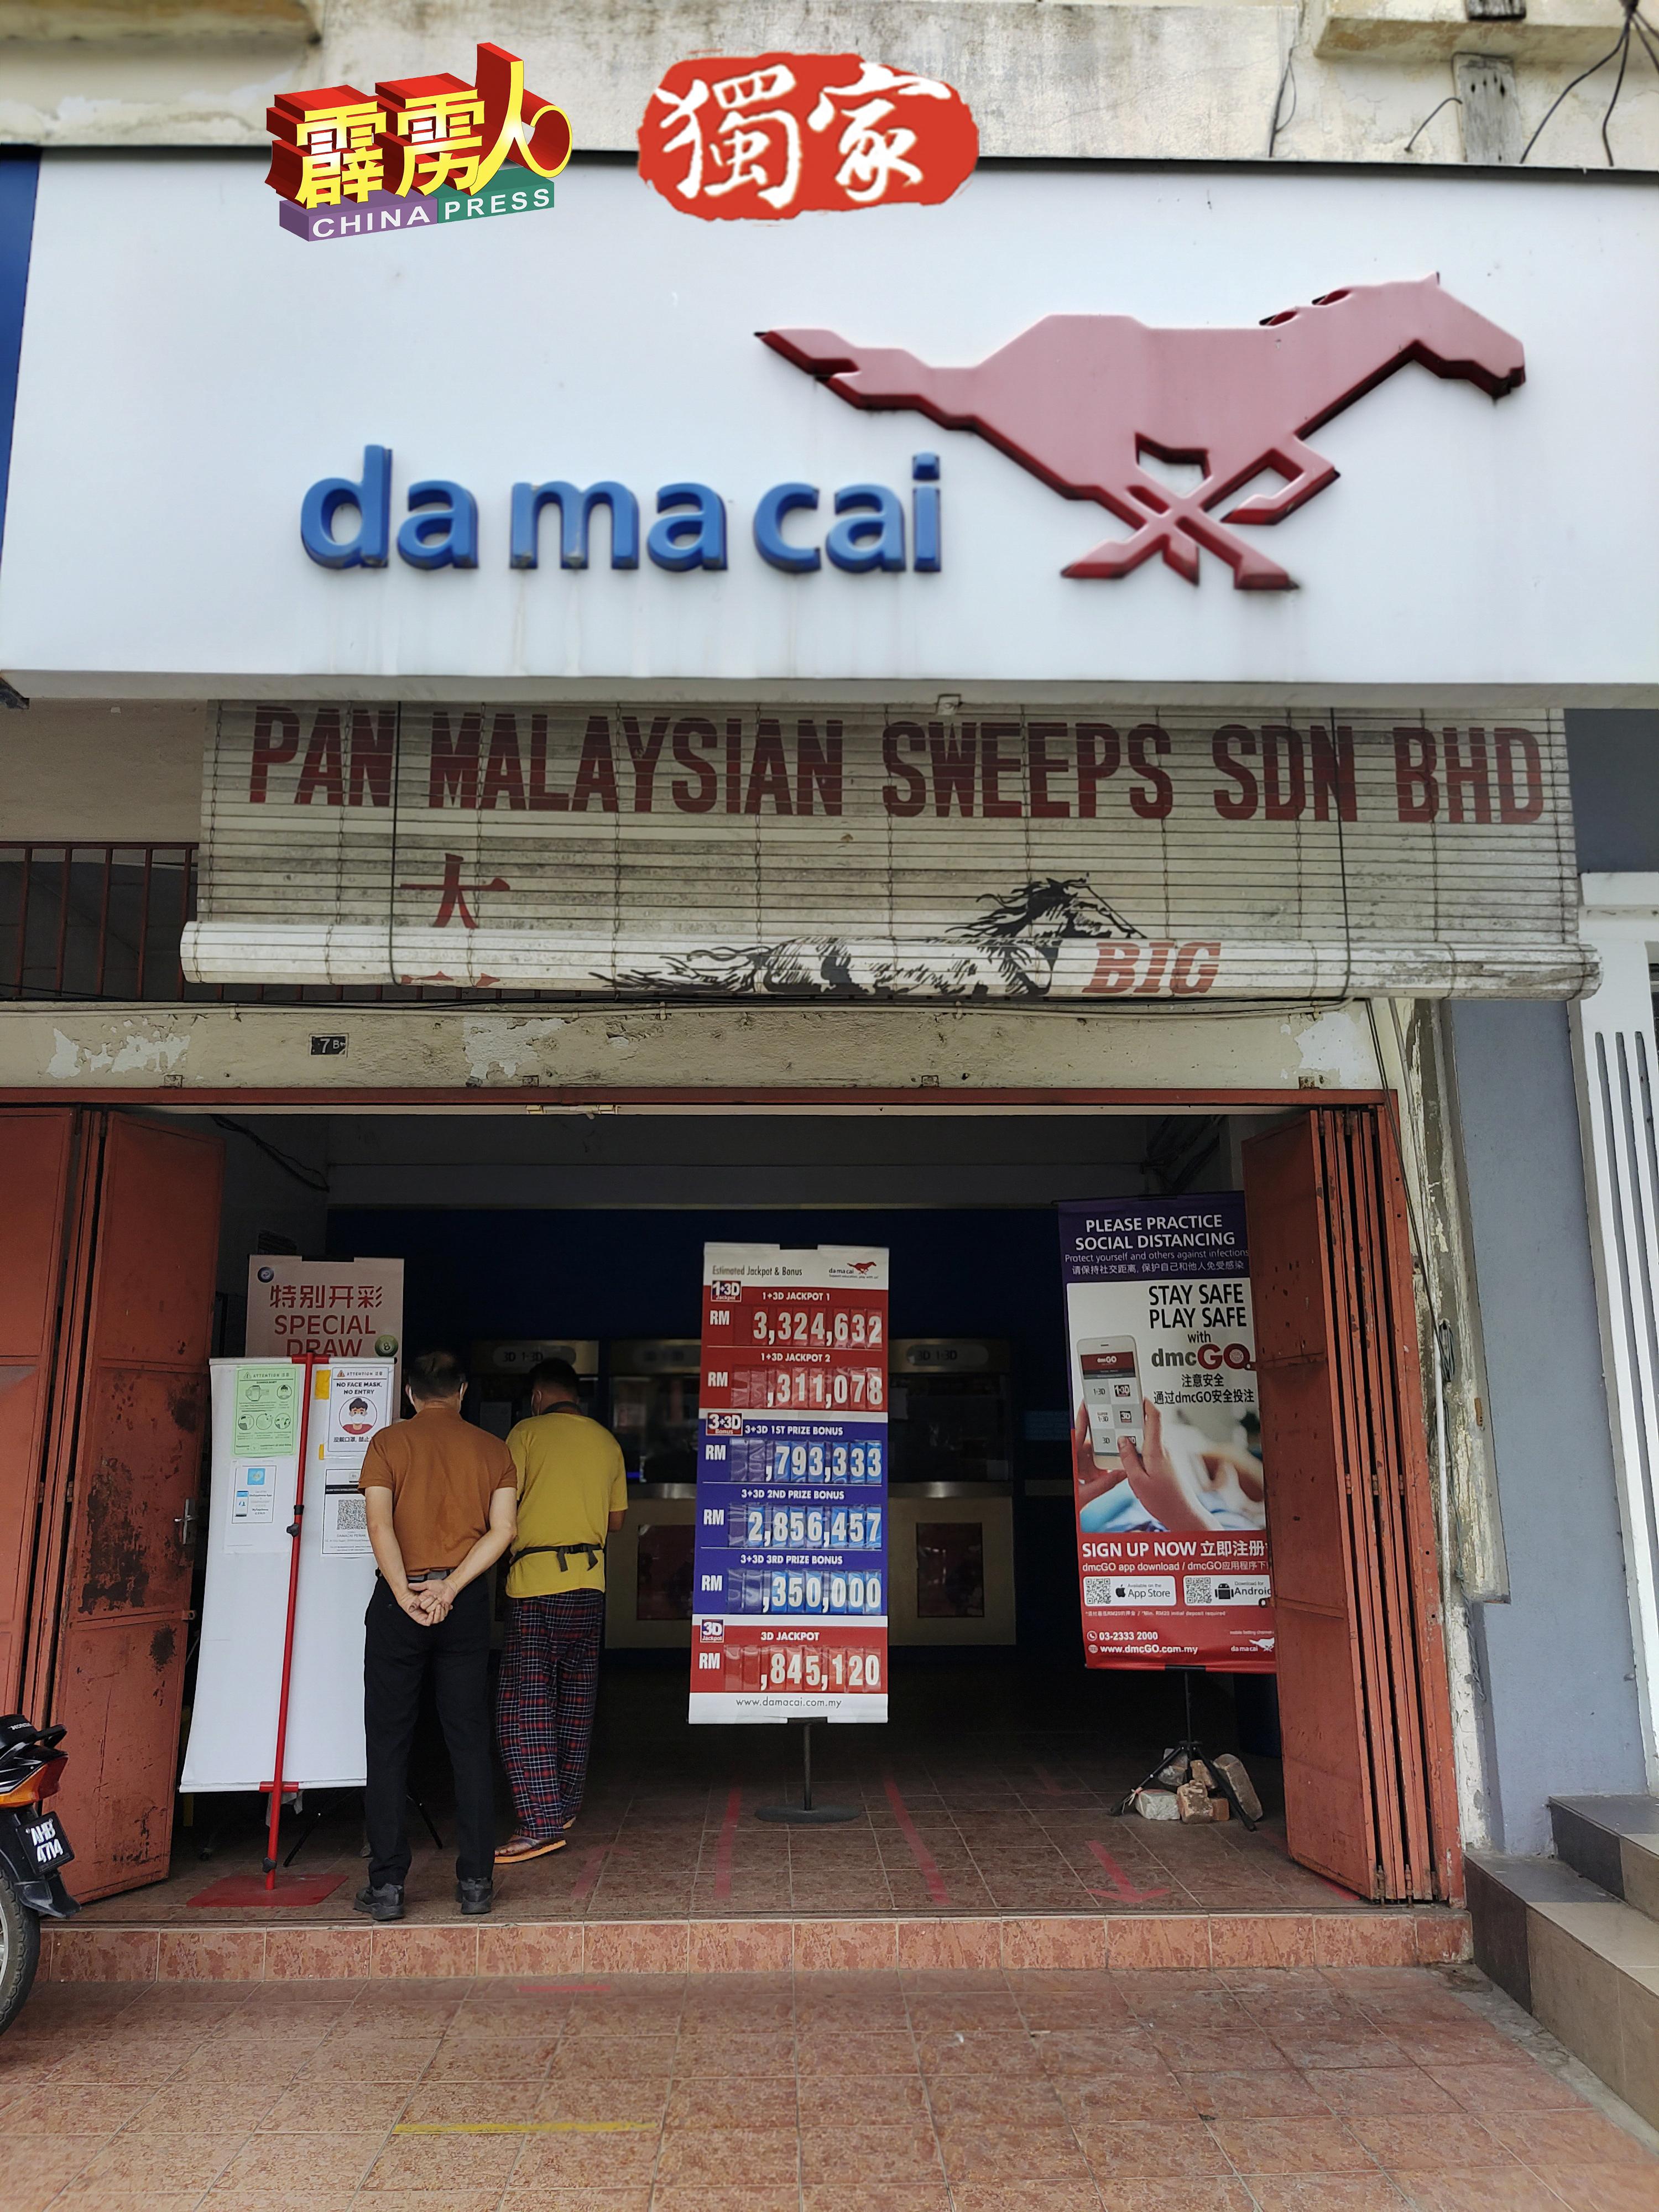 江沙大马彩投注站在週二中午12时才开门营业,一度令客户以为还未开业。